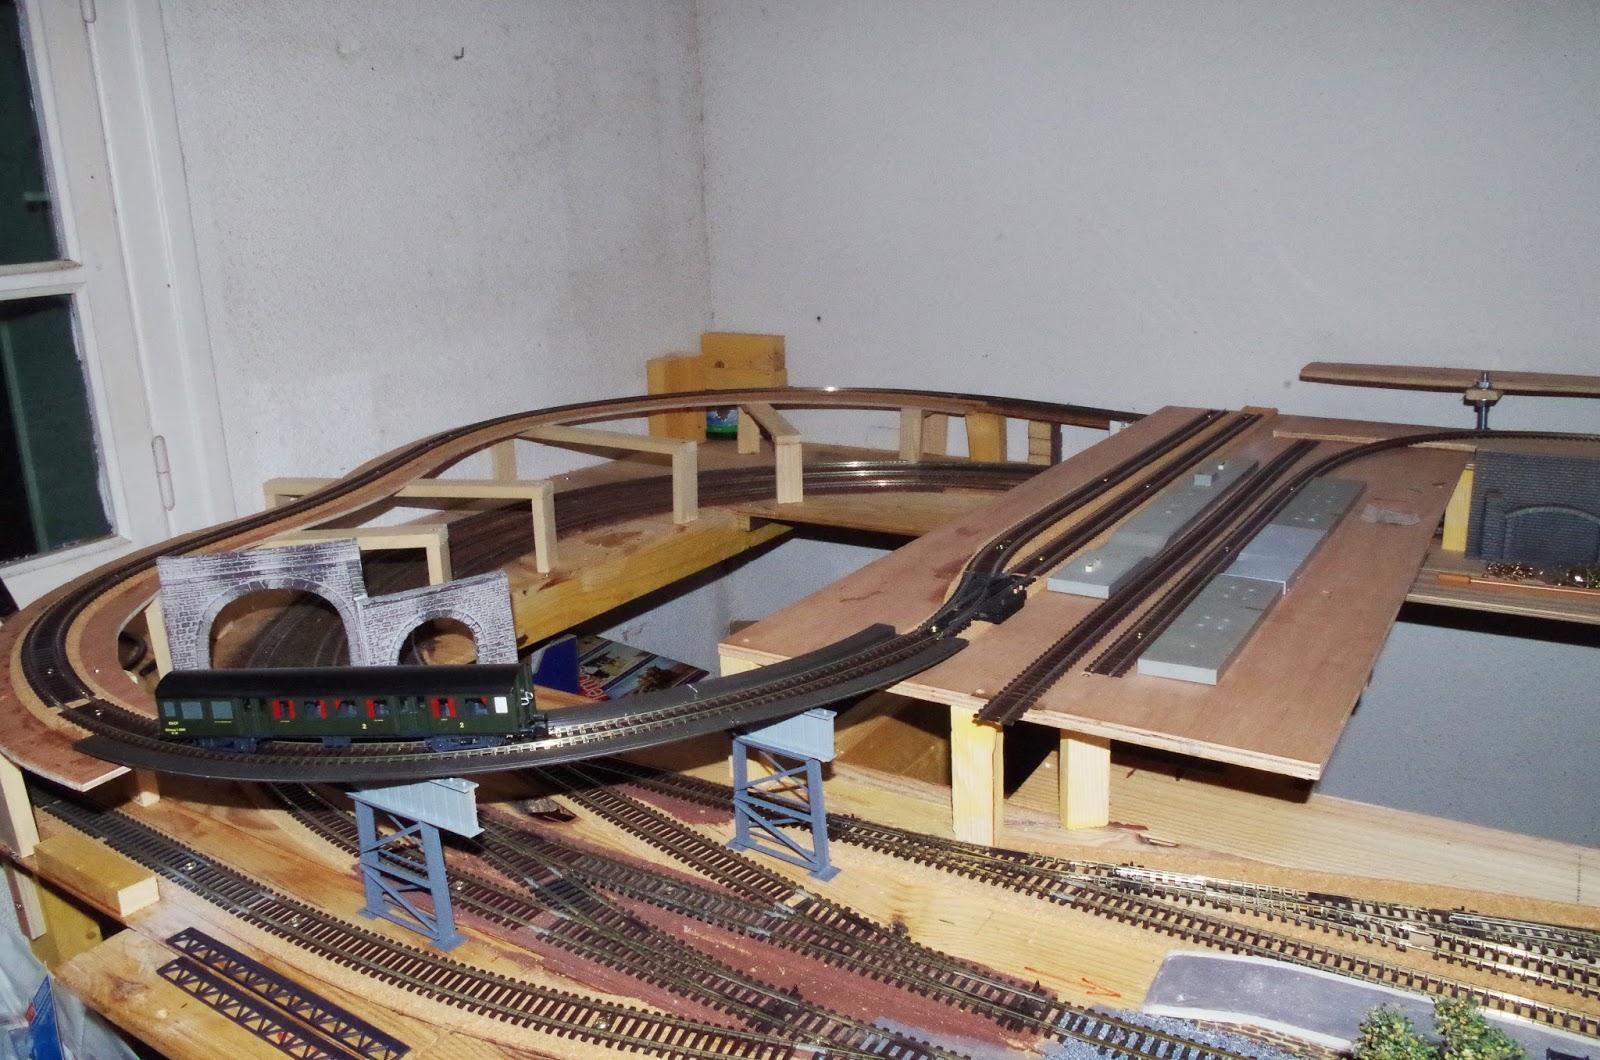 #906C3B LE PETIT TRAIN DE MICHELE: Une HISTOIRE D'AMITIE  6083 decoration de noel train electrique 1600x1060 px @ aertt.com